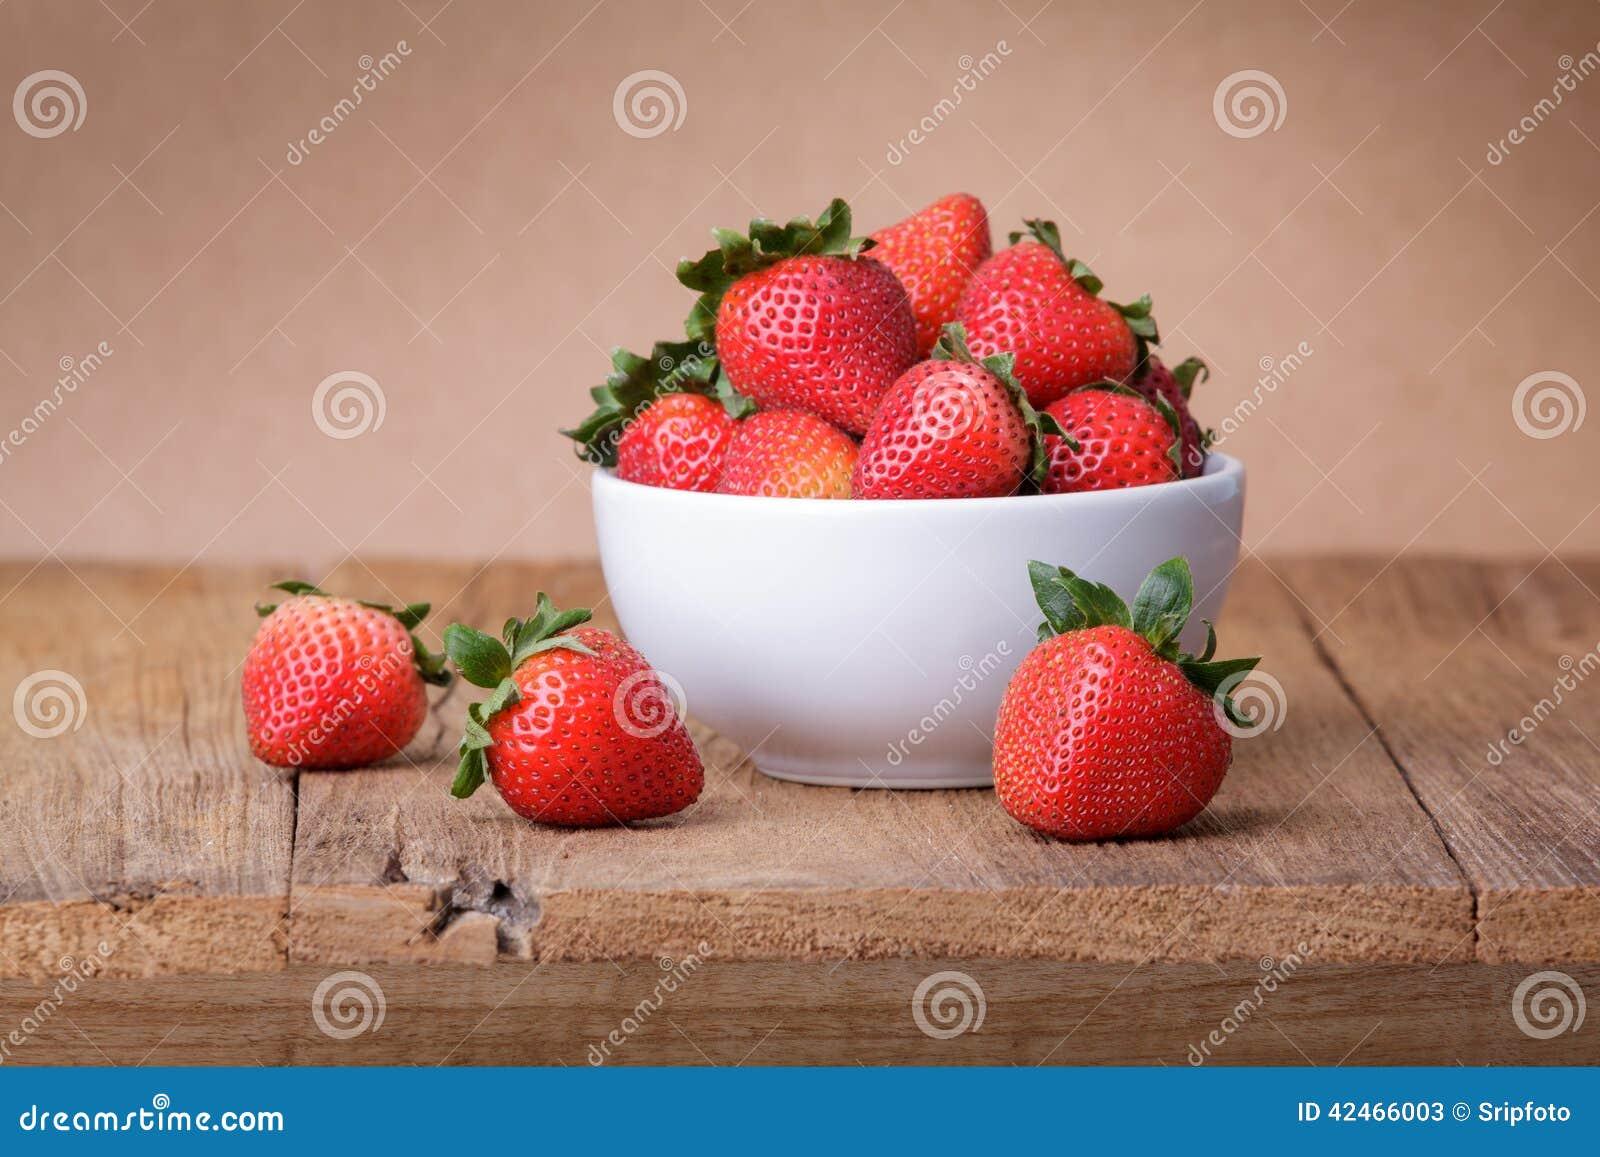 Frische Erdbeere auf hölzernem